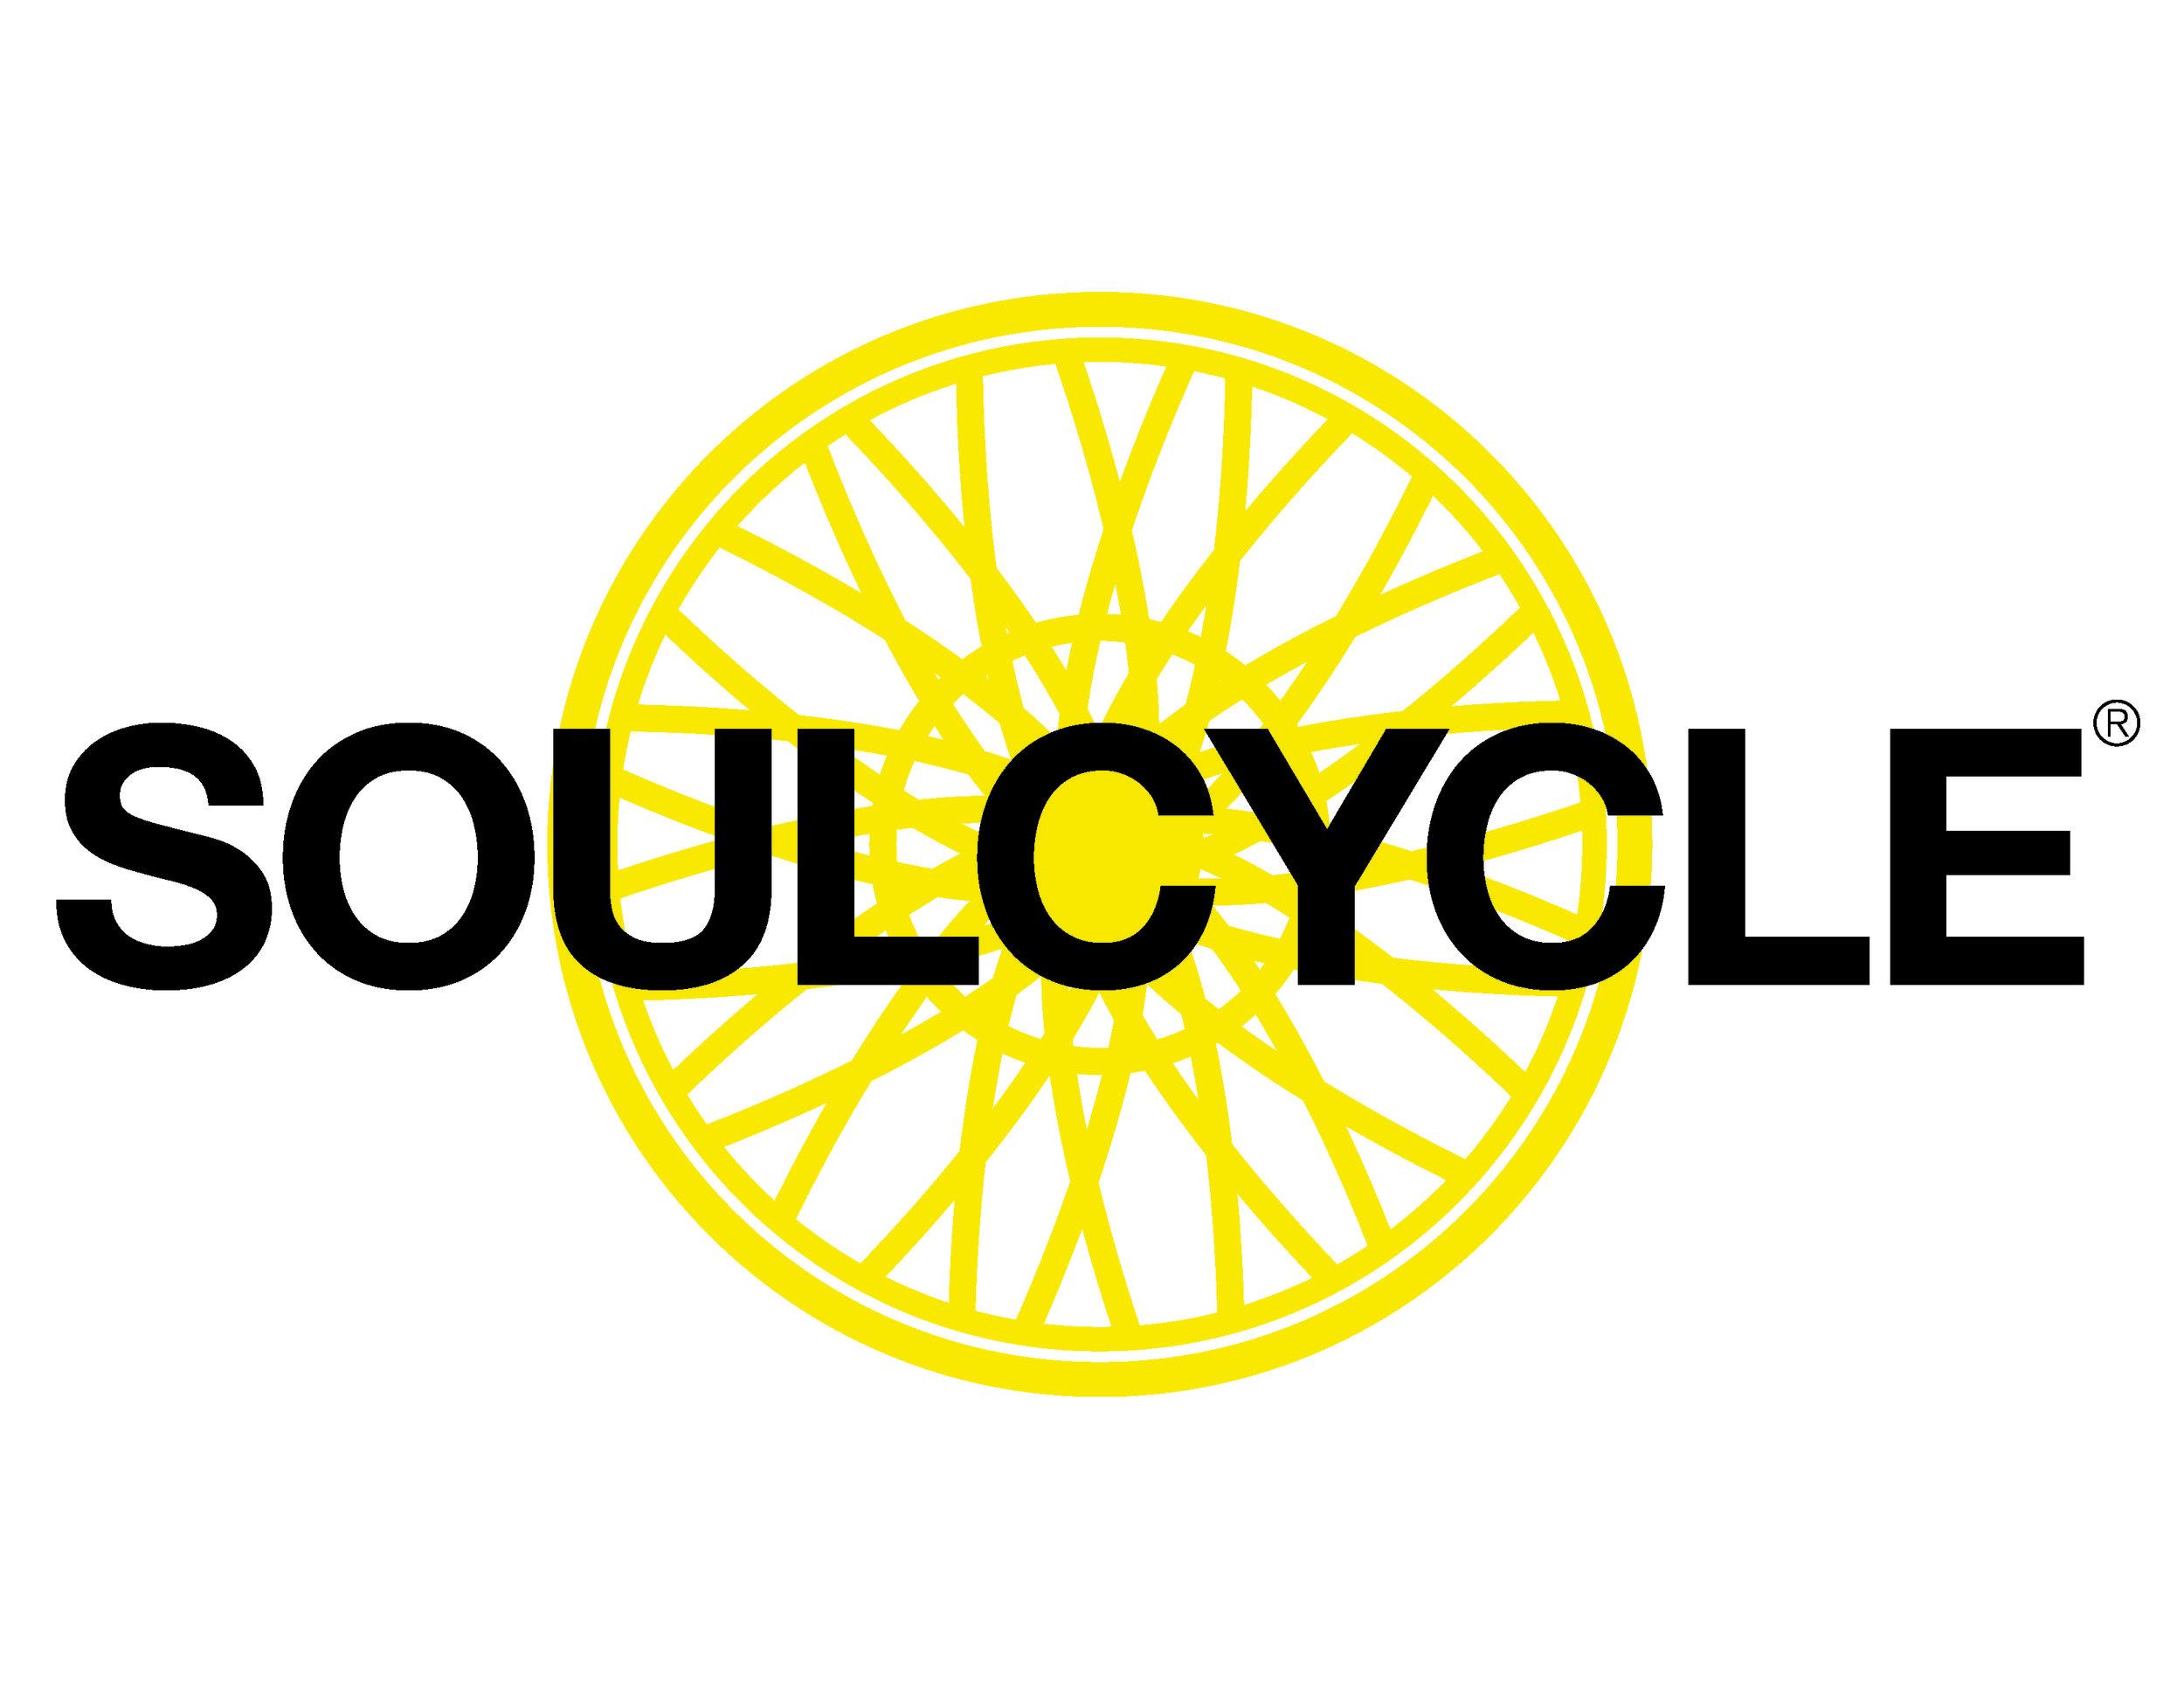 635921362837423737-2043380404_soulcycle logo.jpg